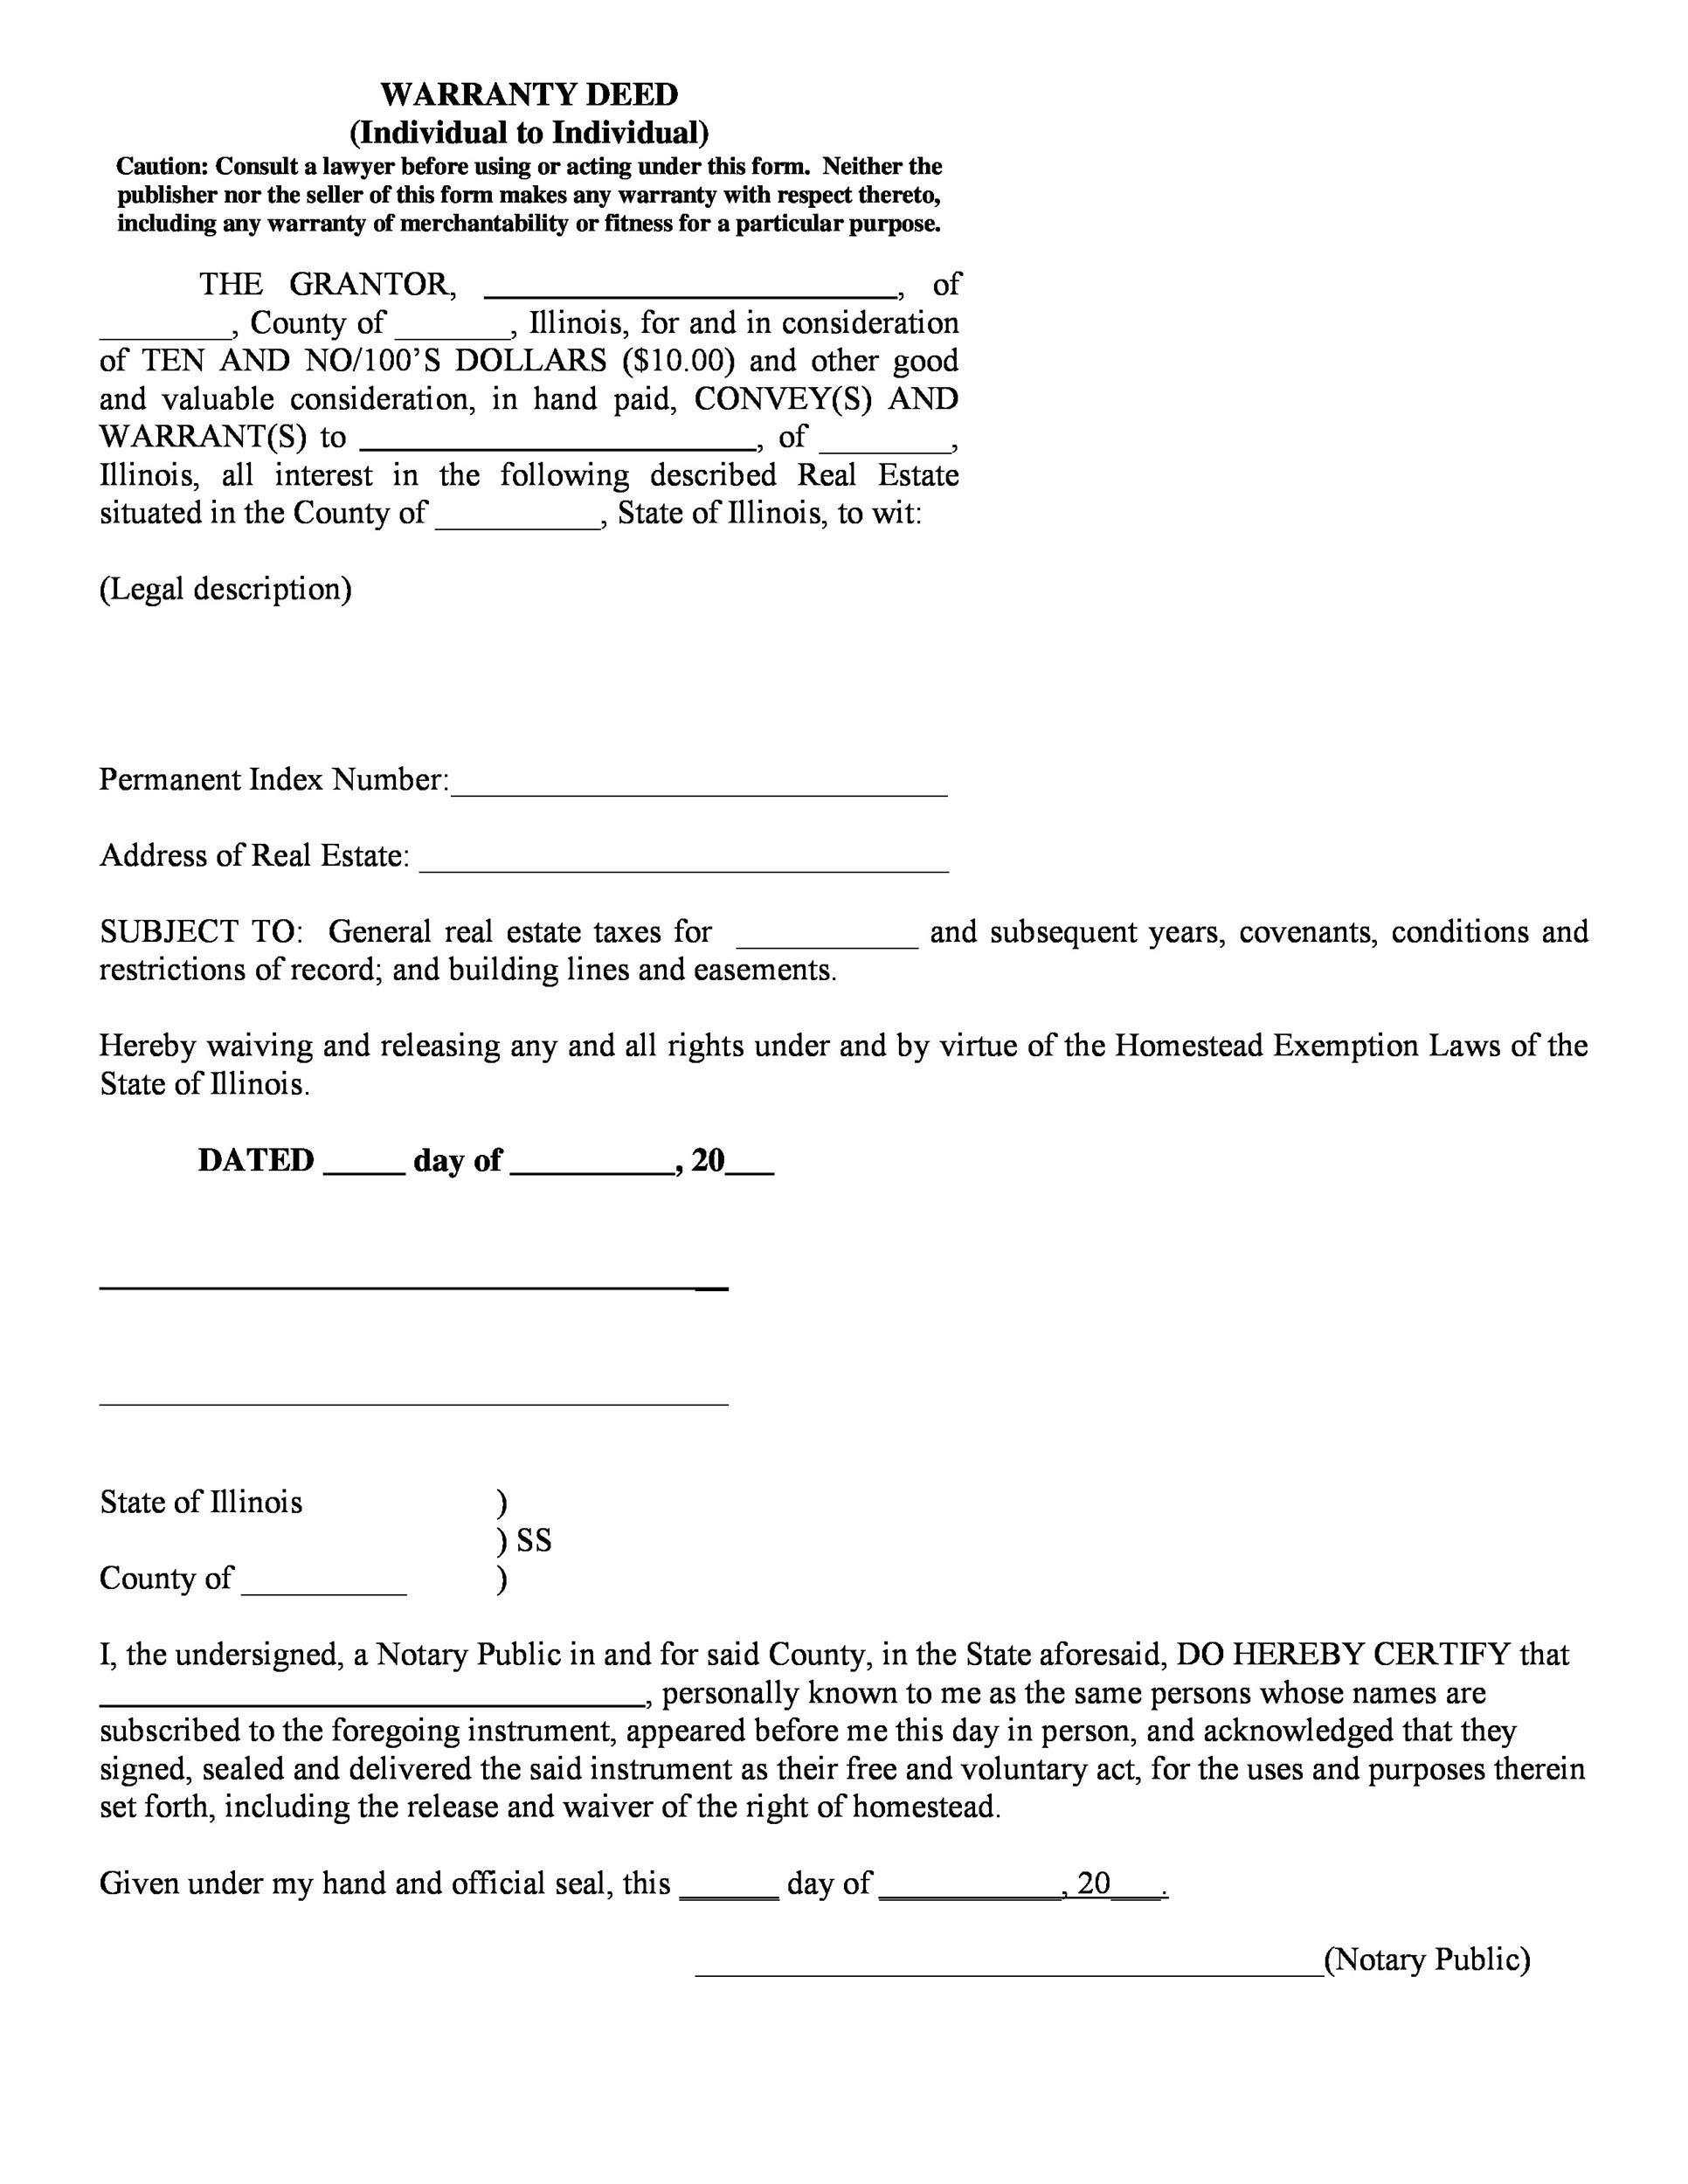 Free Warranty deed template 34